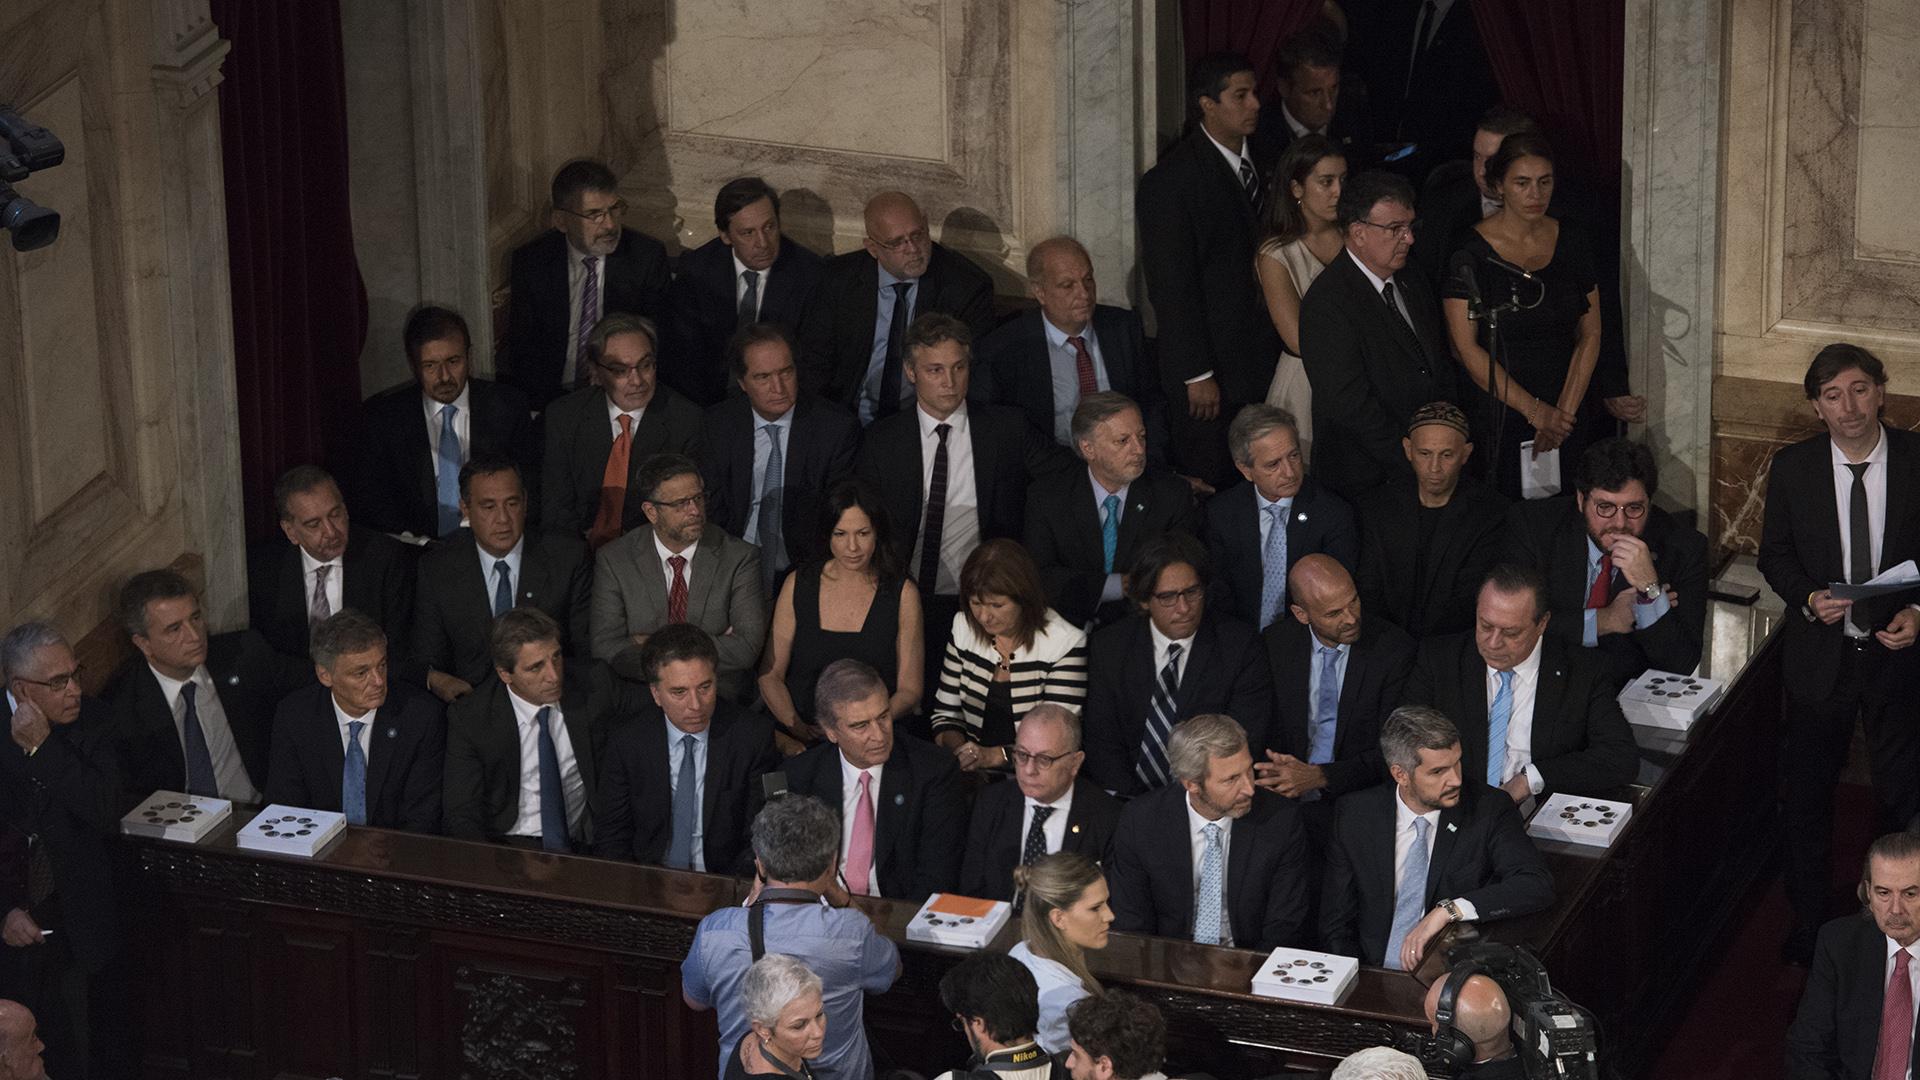 El palco con los ministros y otros funcionarios del oficialismo